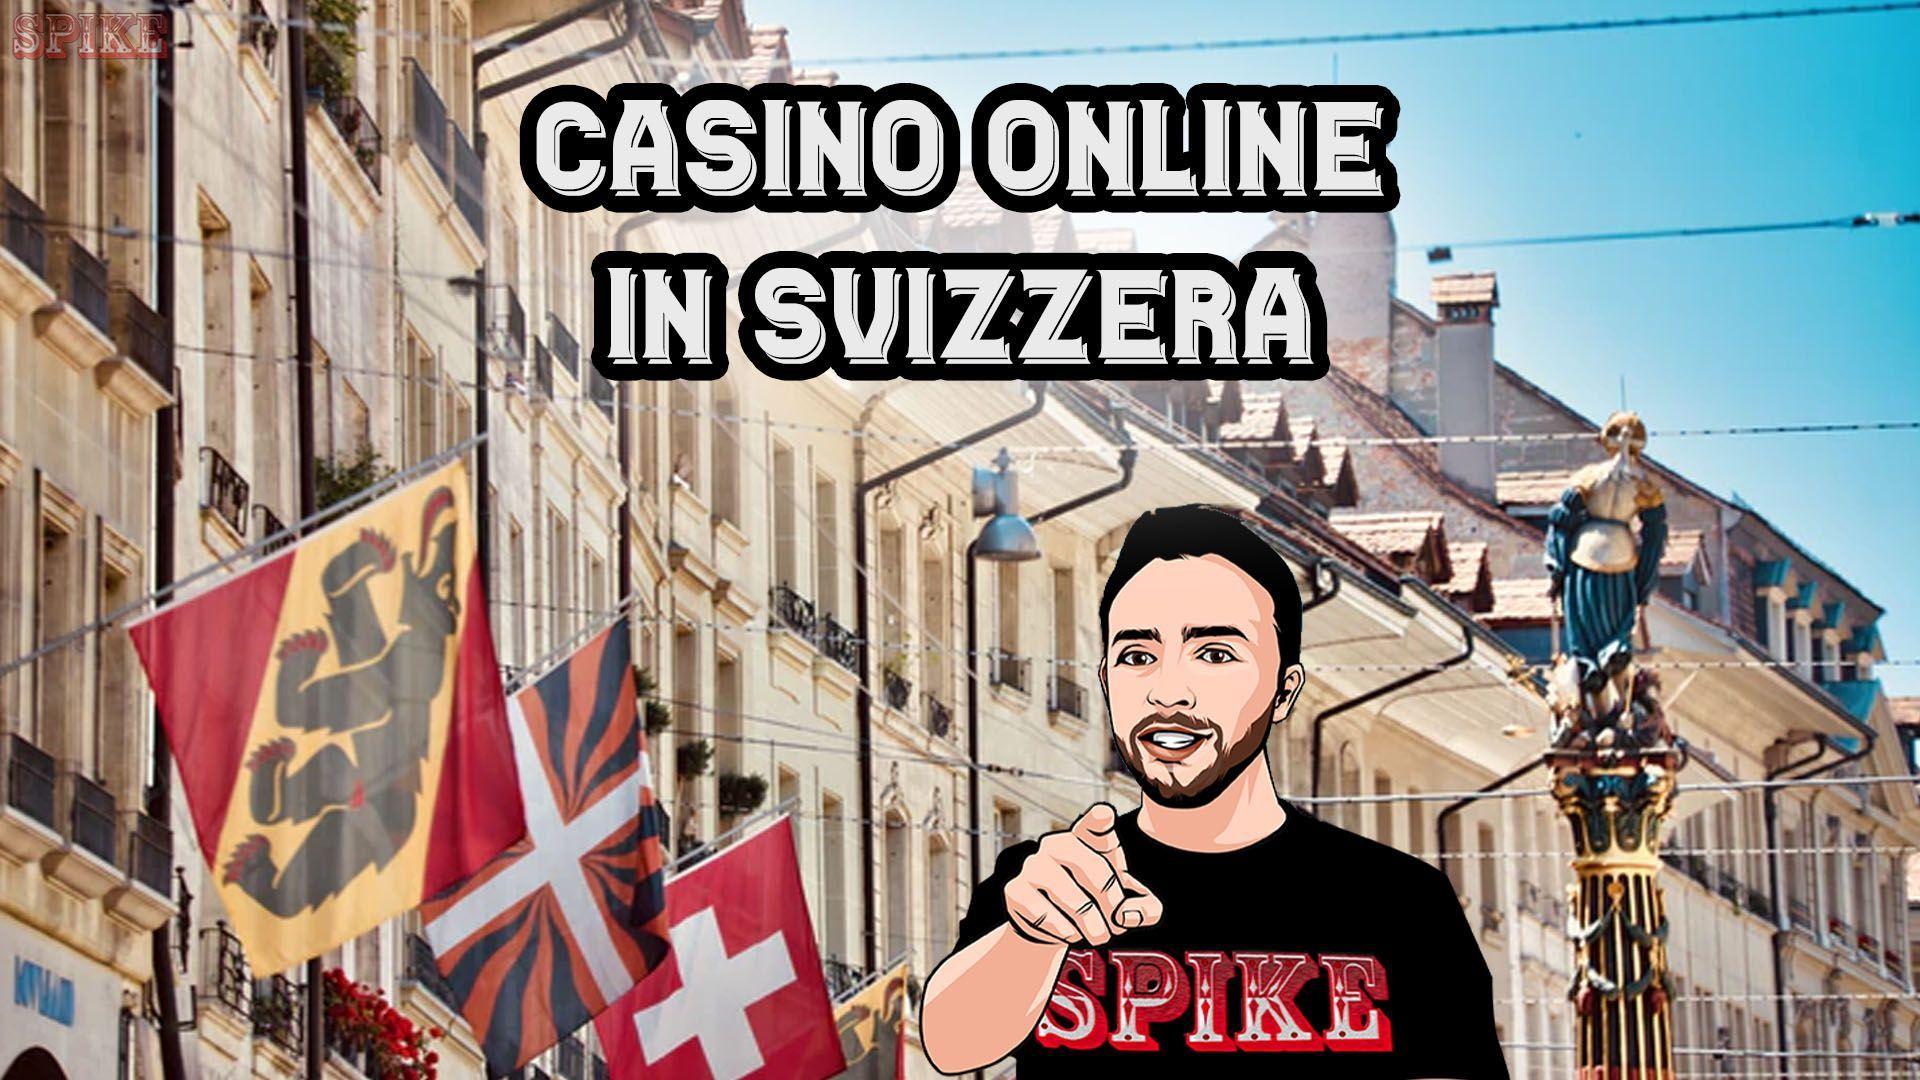 Casino Online in Svizzera Regolamenti Card